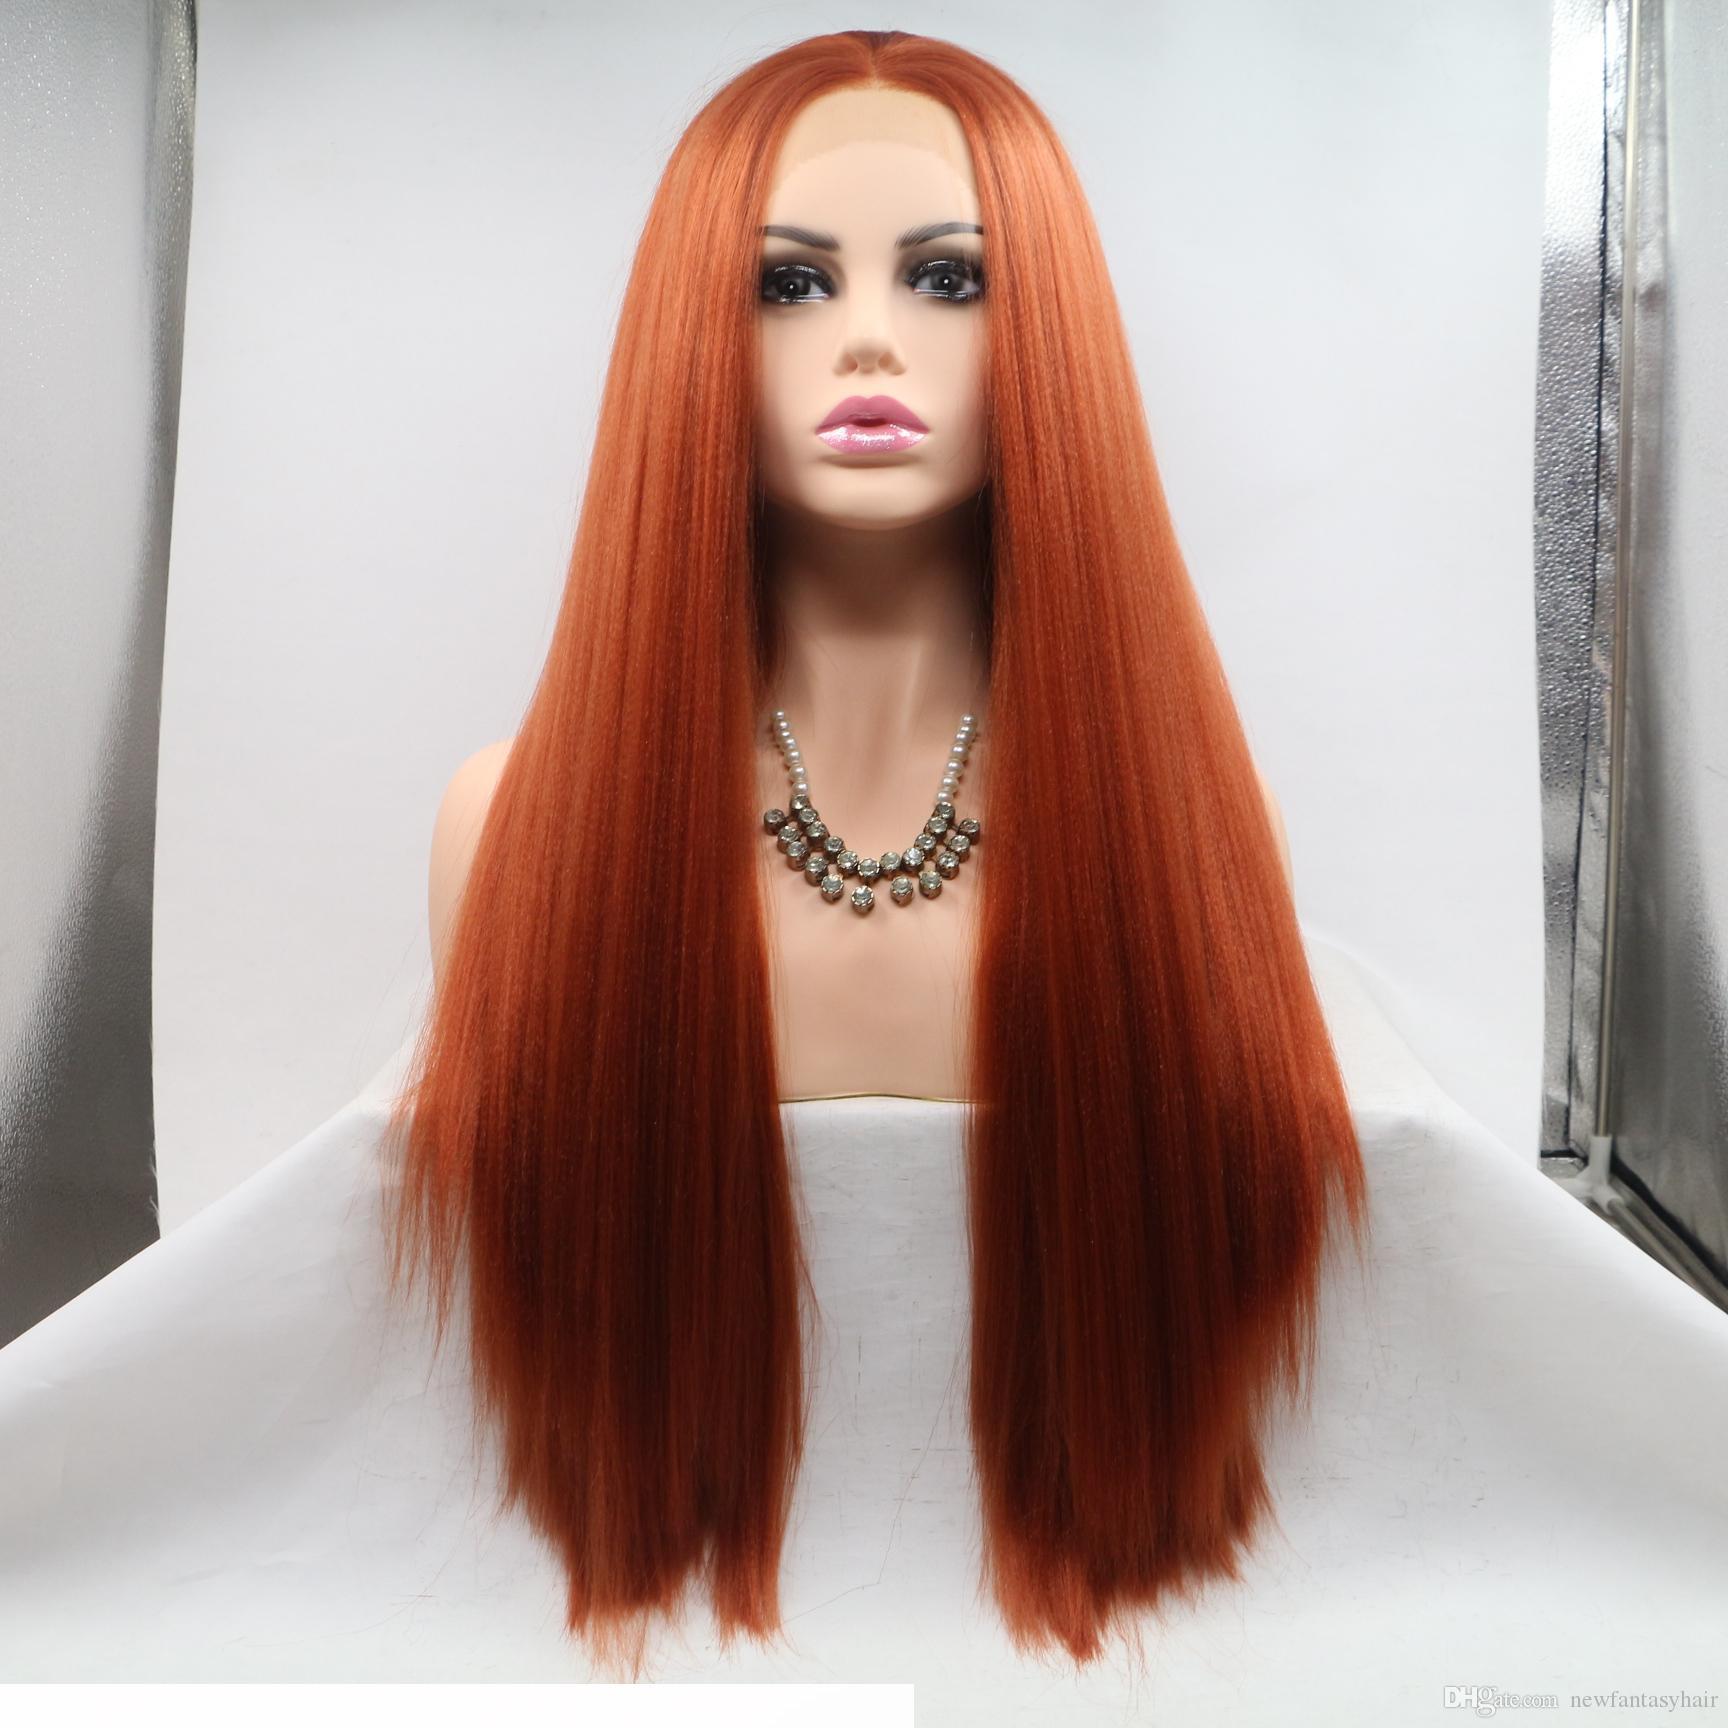 Frisuren für gerade haare